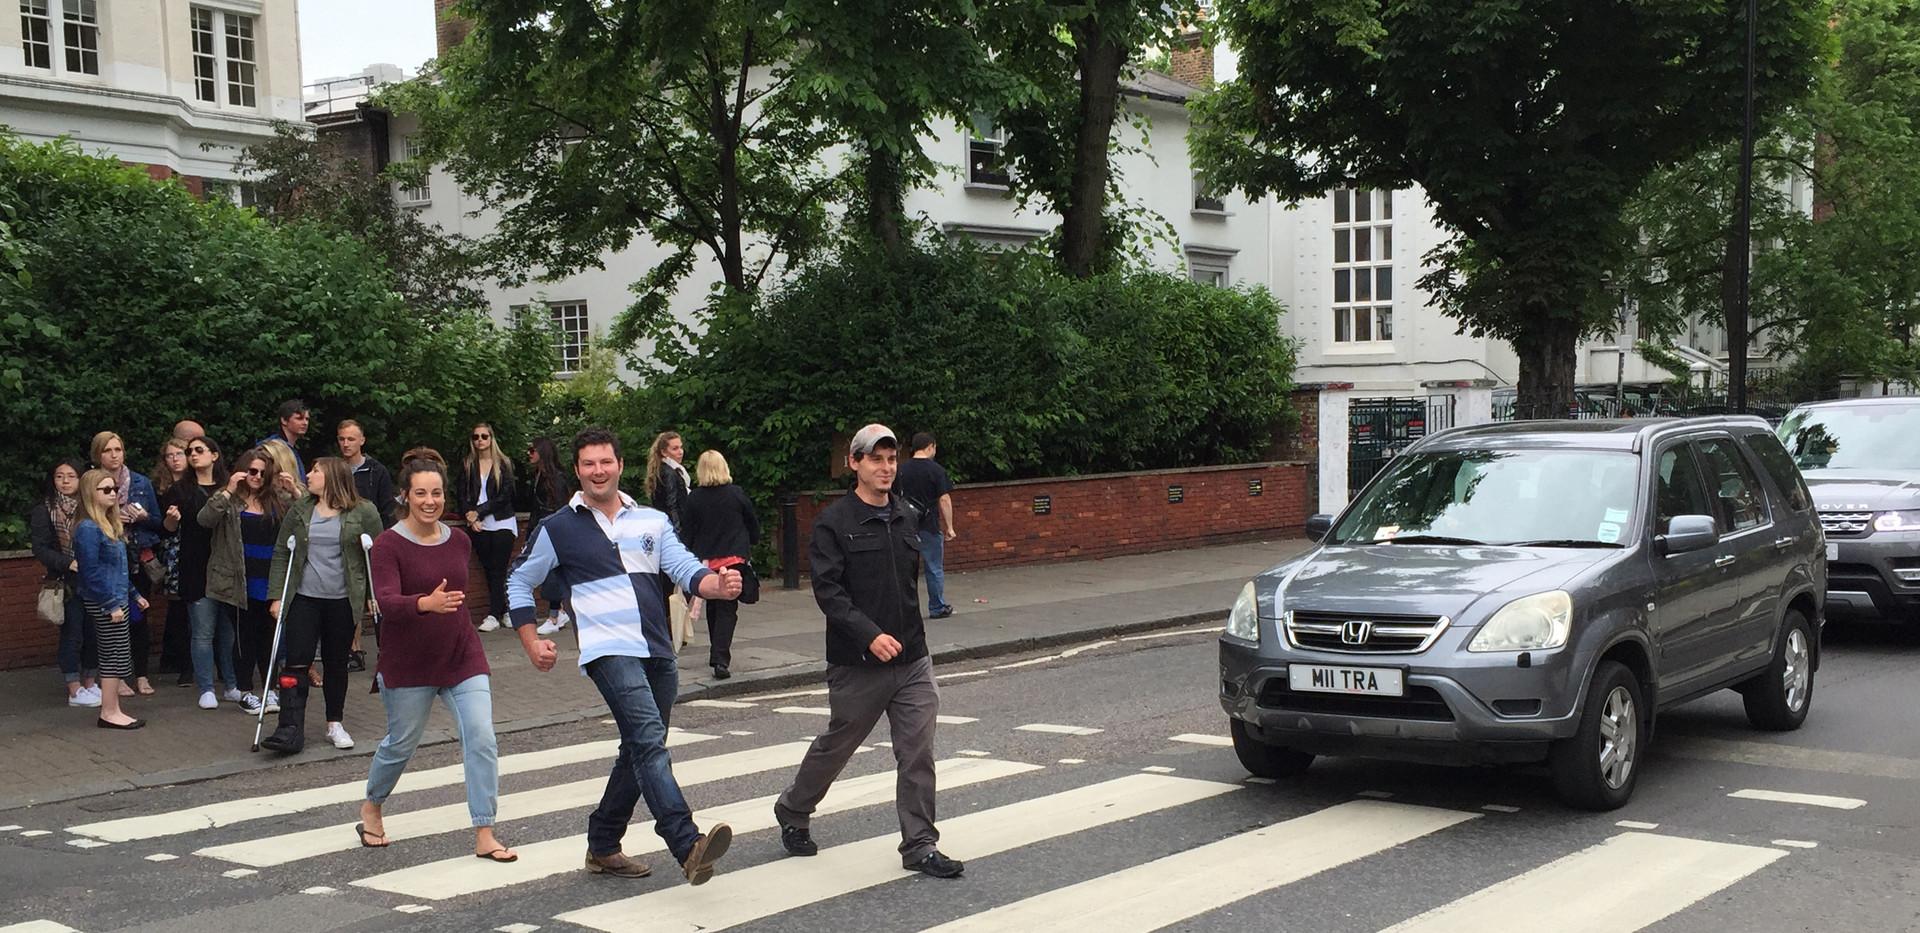 J crossing Abbey Road London